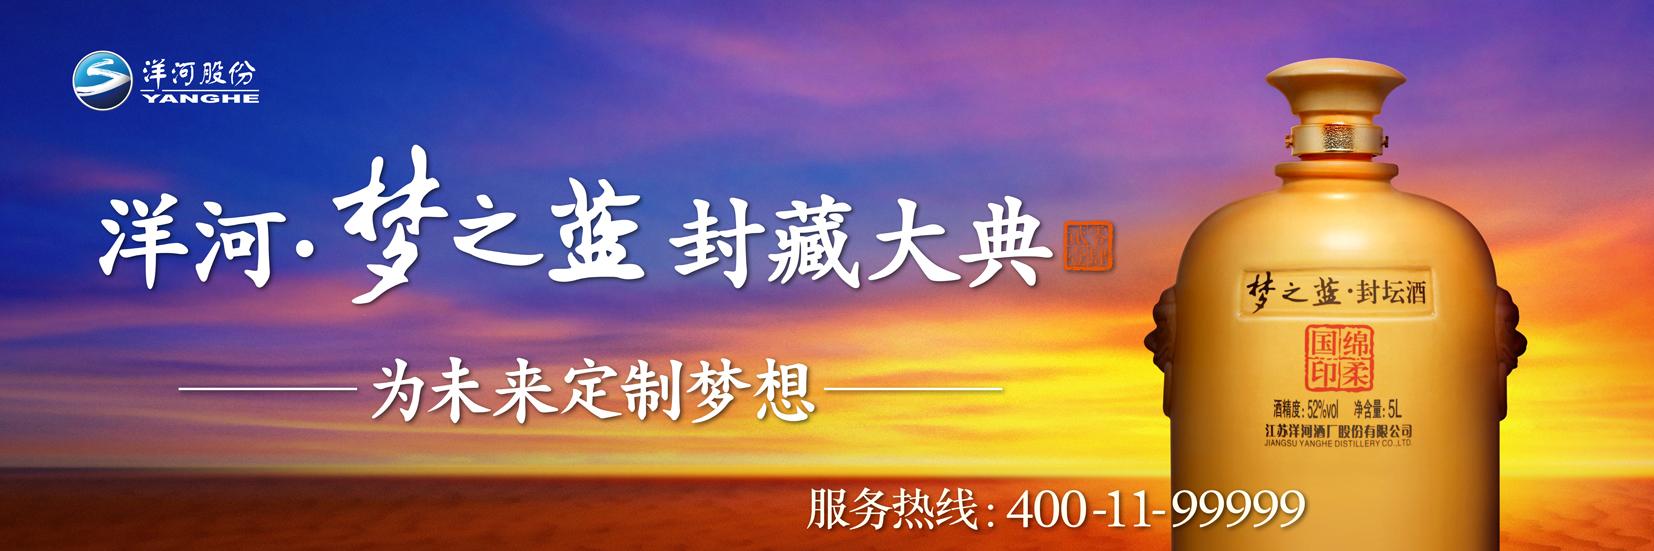 2000彩票